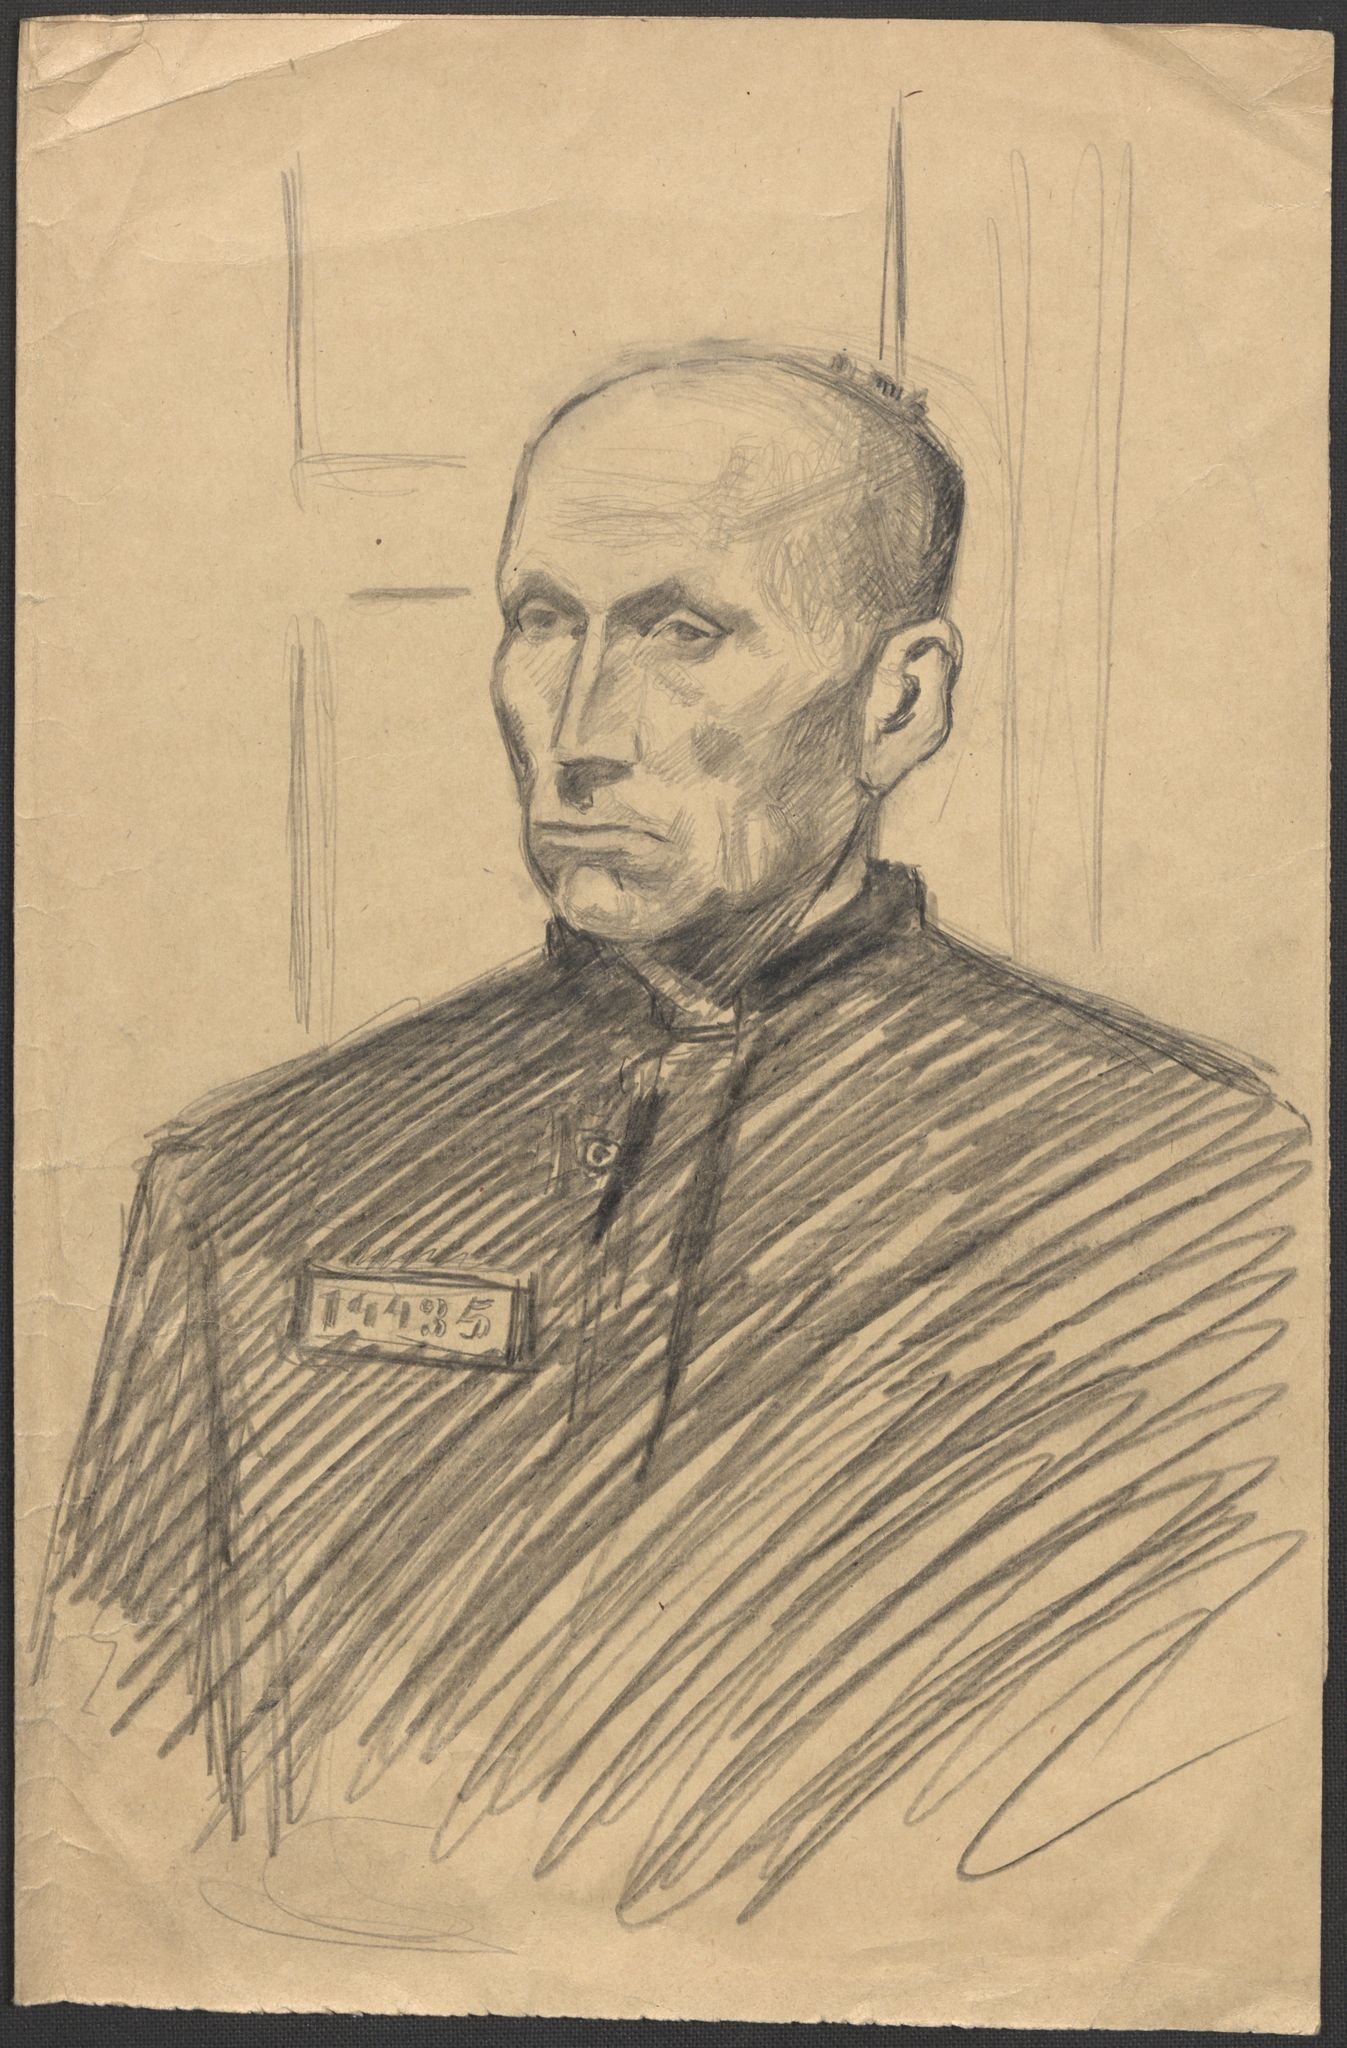 RA, Grøgaard, Joachim, F/L0002: Tegninger og tekster, 1942-1945, s. 130